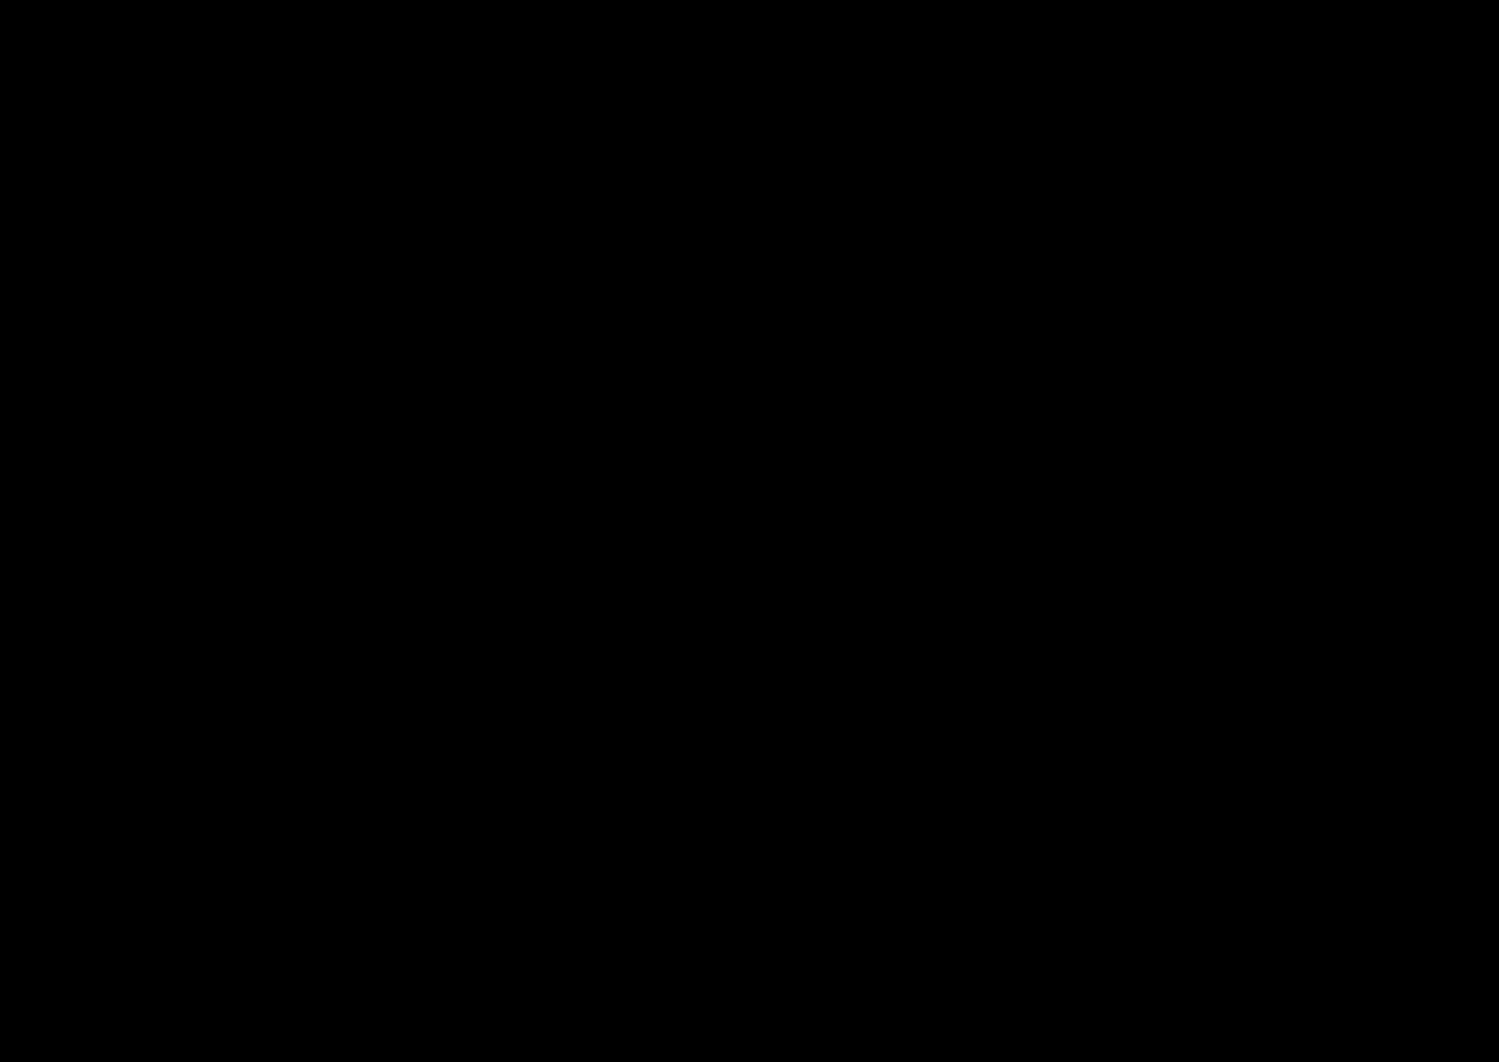 Phth-dPEG®₁₂-Tris(-TFP ester)₃